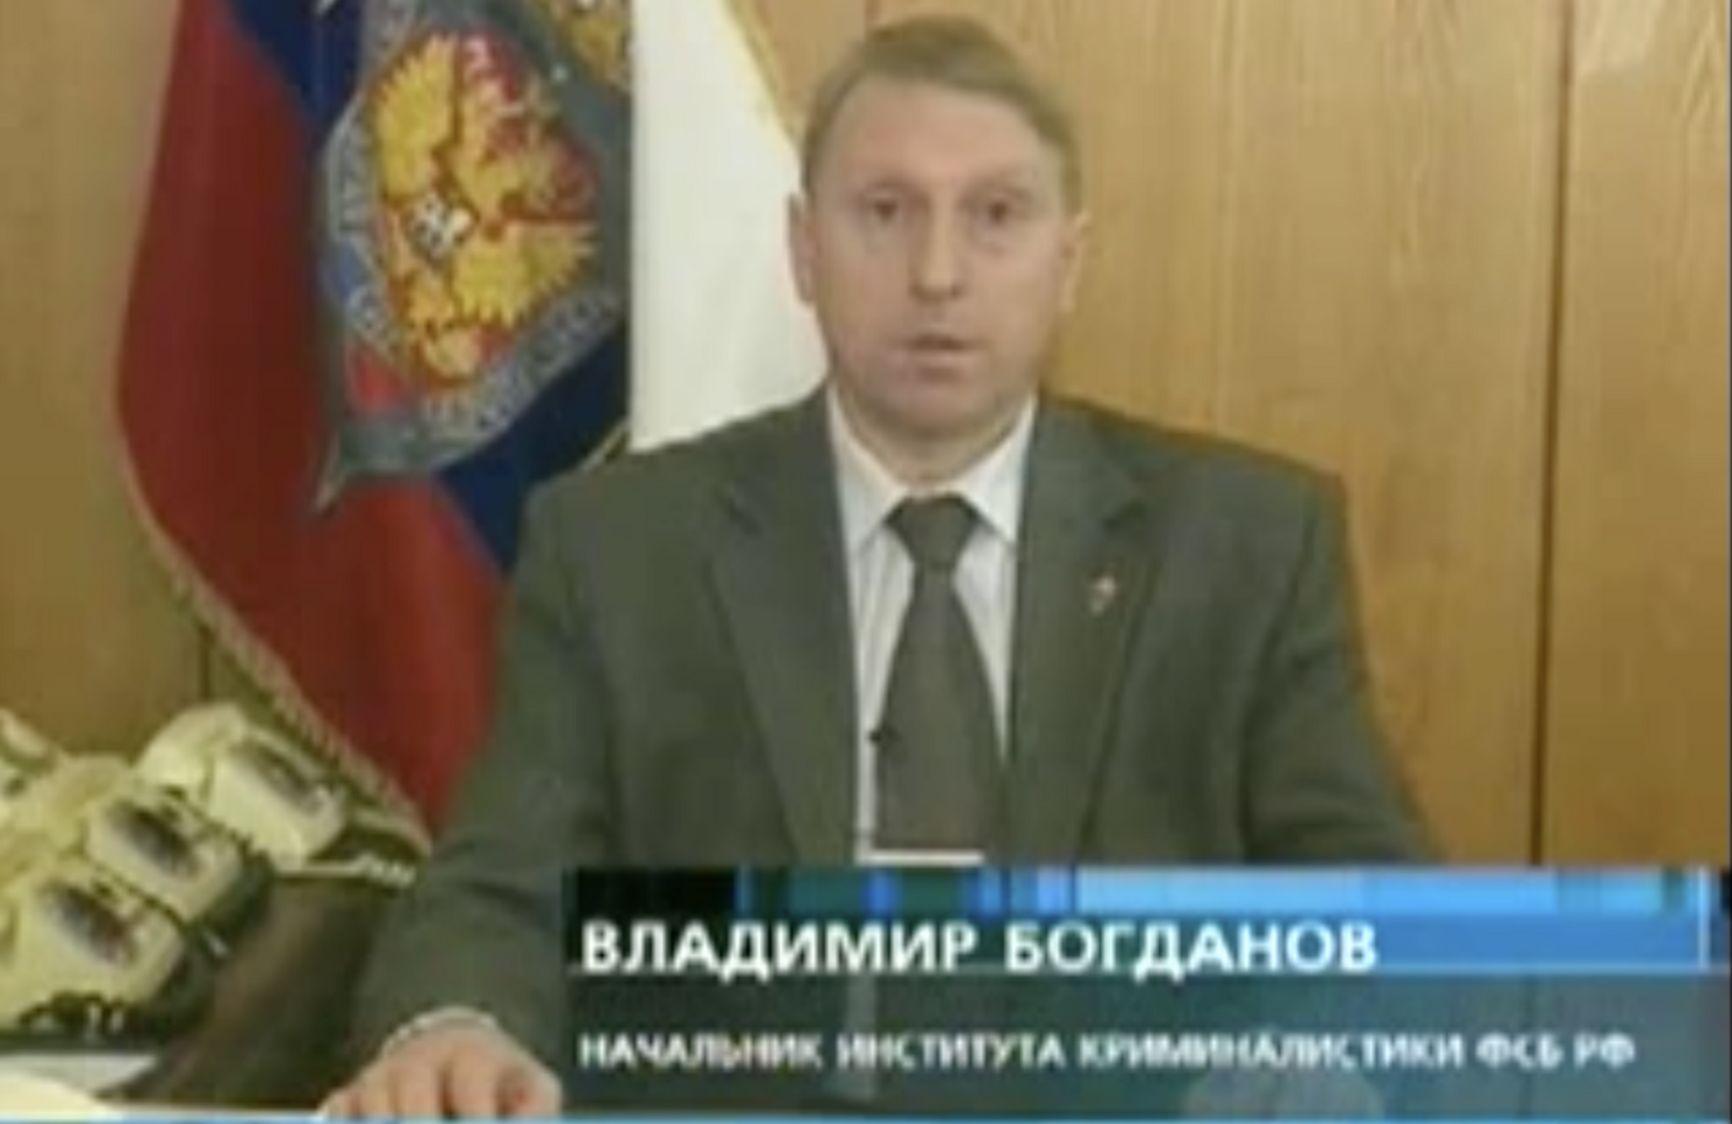 Генерал-майор Владимир Богданов